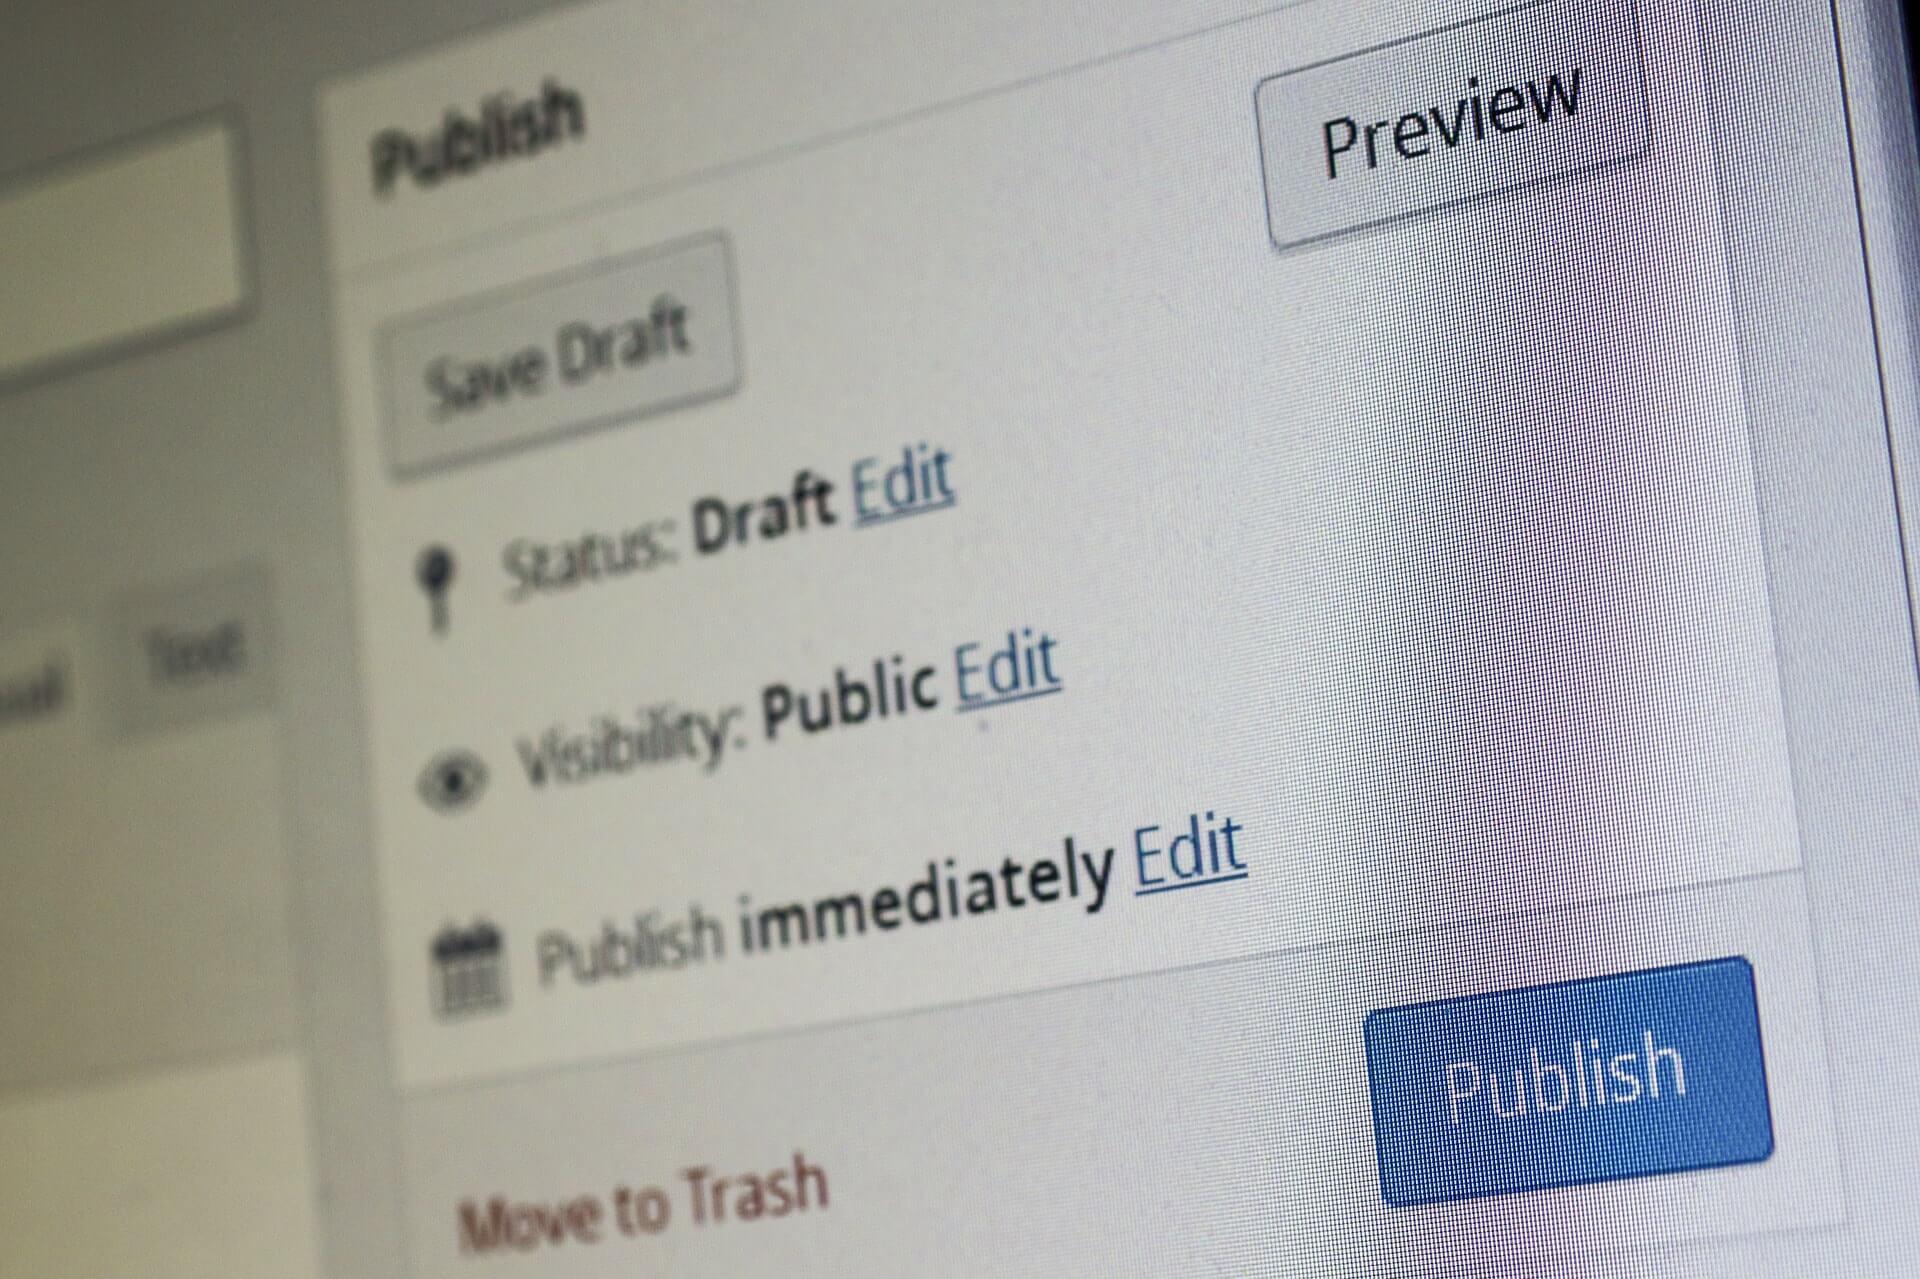 Redator Web publica conteudo